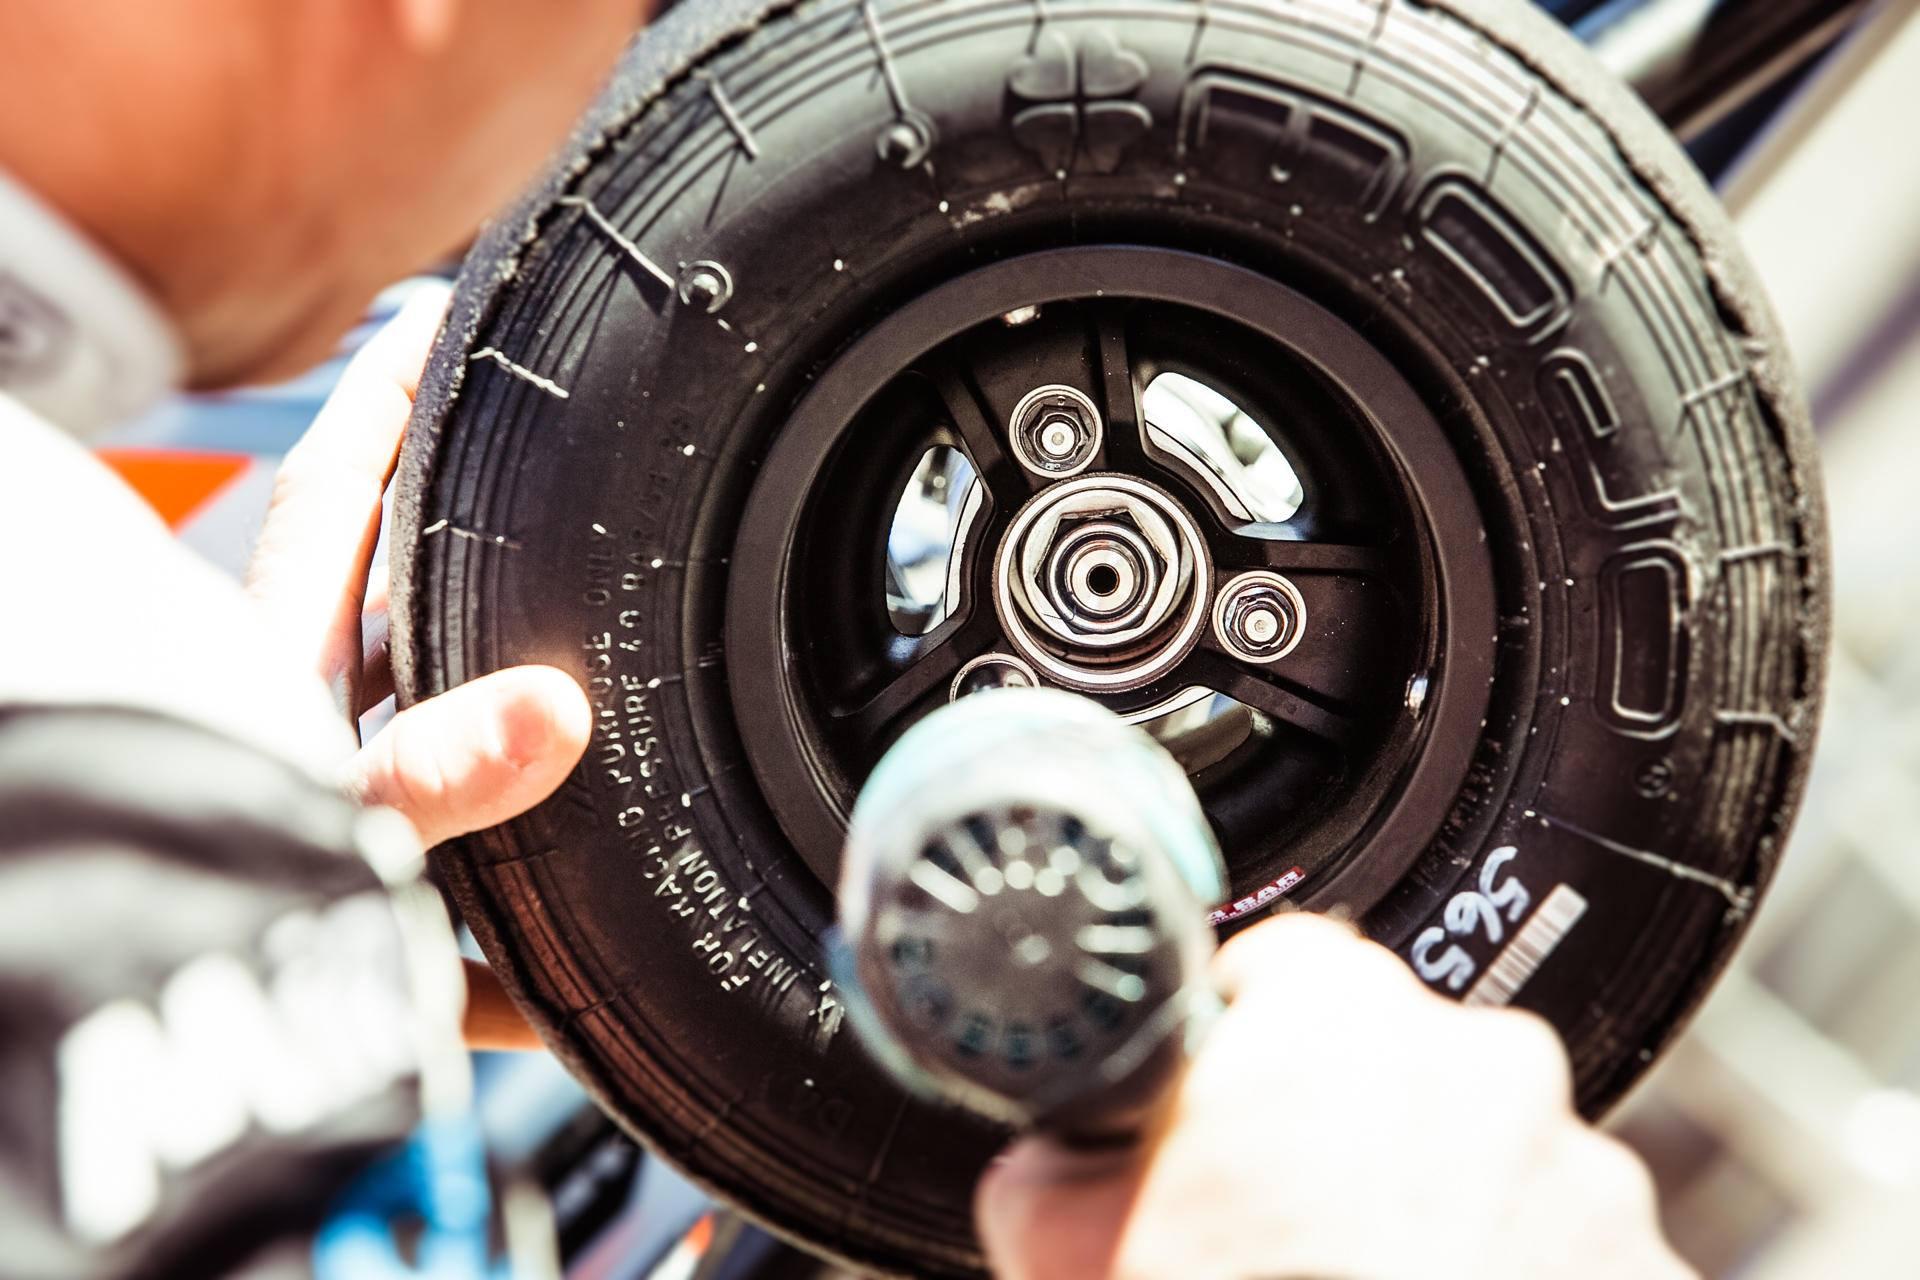 Neumáticos Mojo: durabilidad y constancia contrastadas